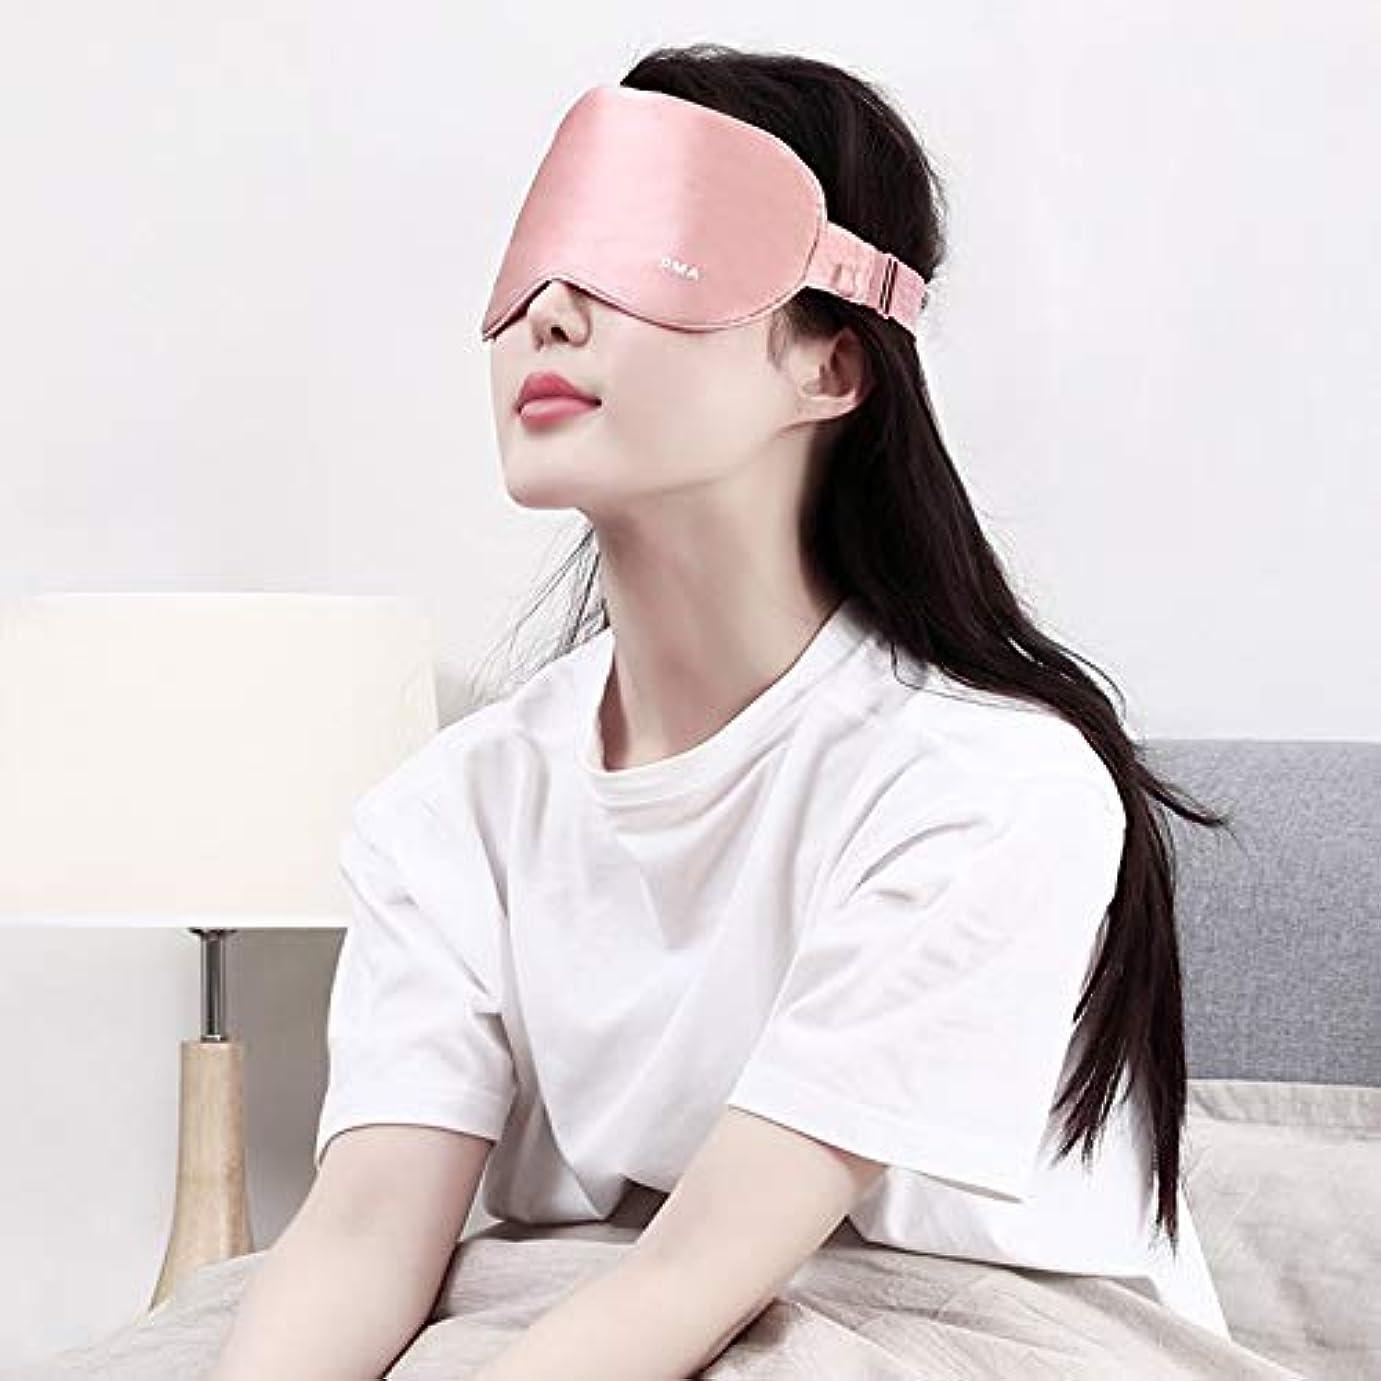 モニター画面正確にNOTE グスタラ睡眠アイマスク発熱シルク目隠し用アイケアツール睡眠マスク自動電源オフ調節可能な温度